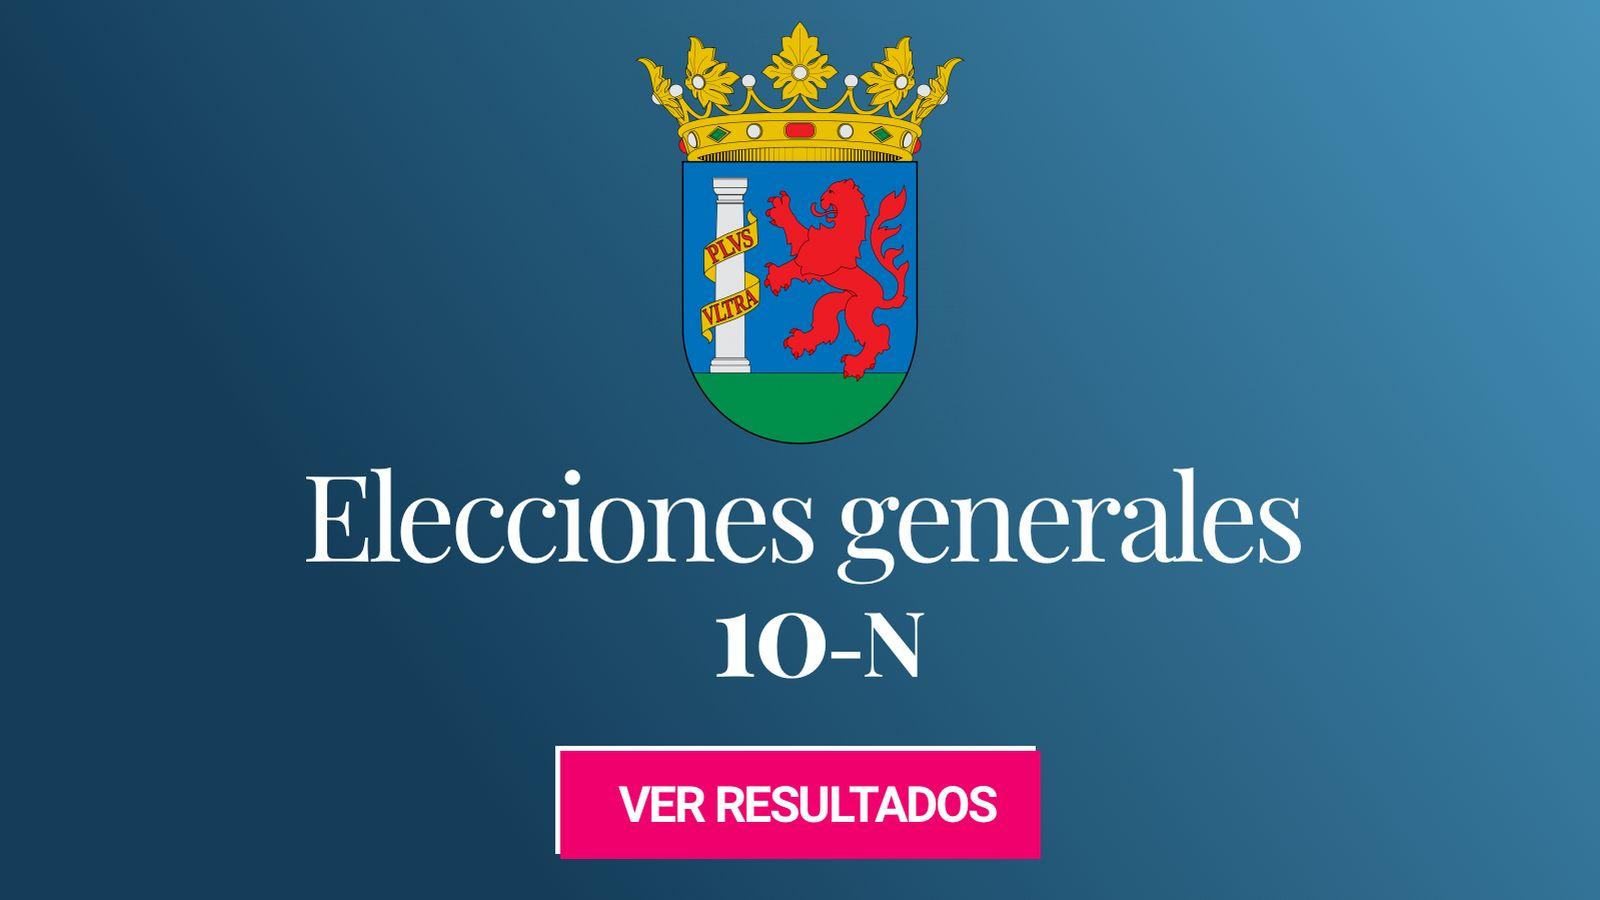 Foto: Elecciones generales 2019 en Badajoz. (C.C./EC)